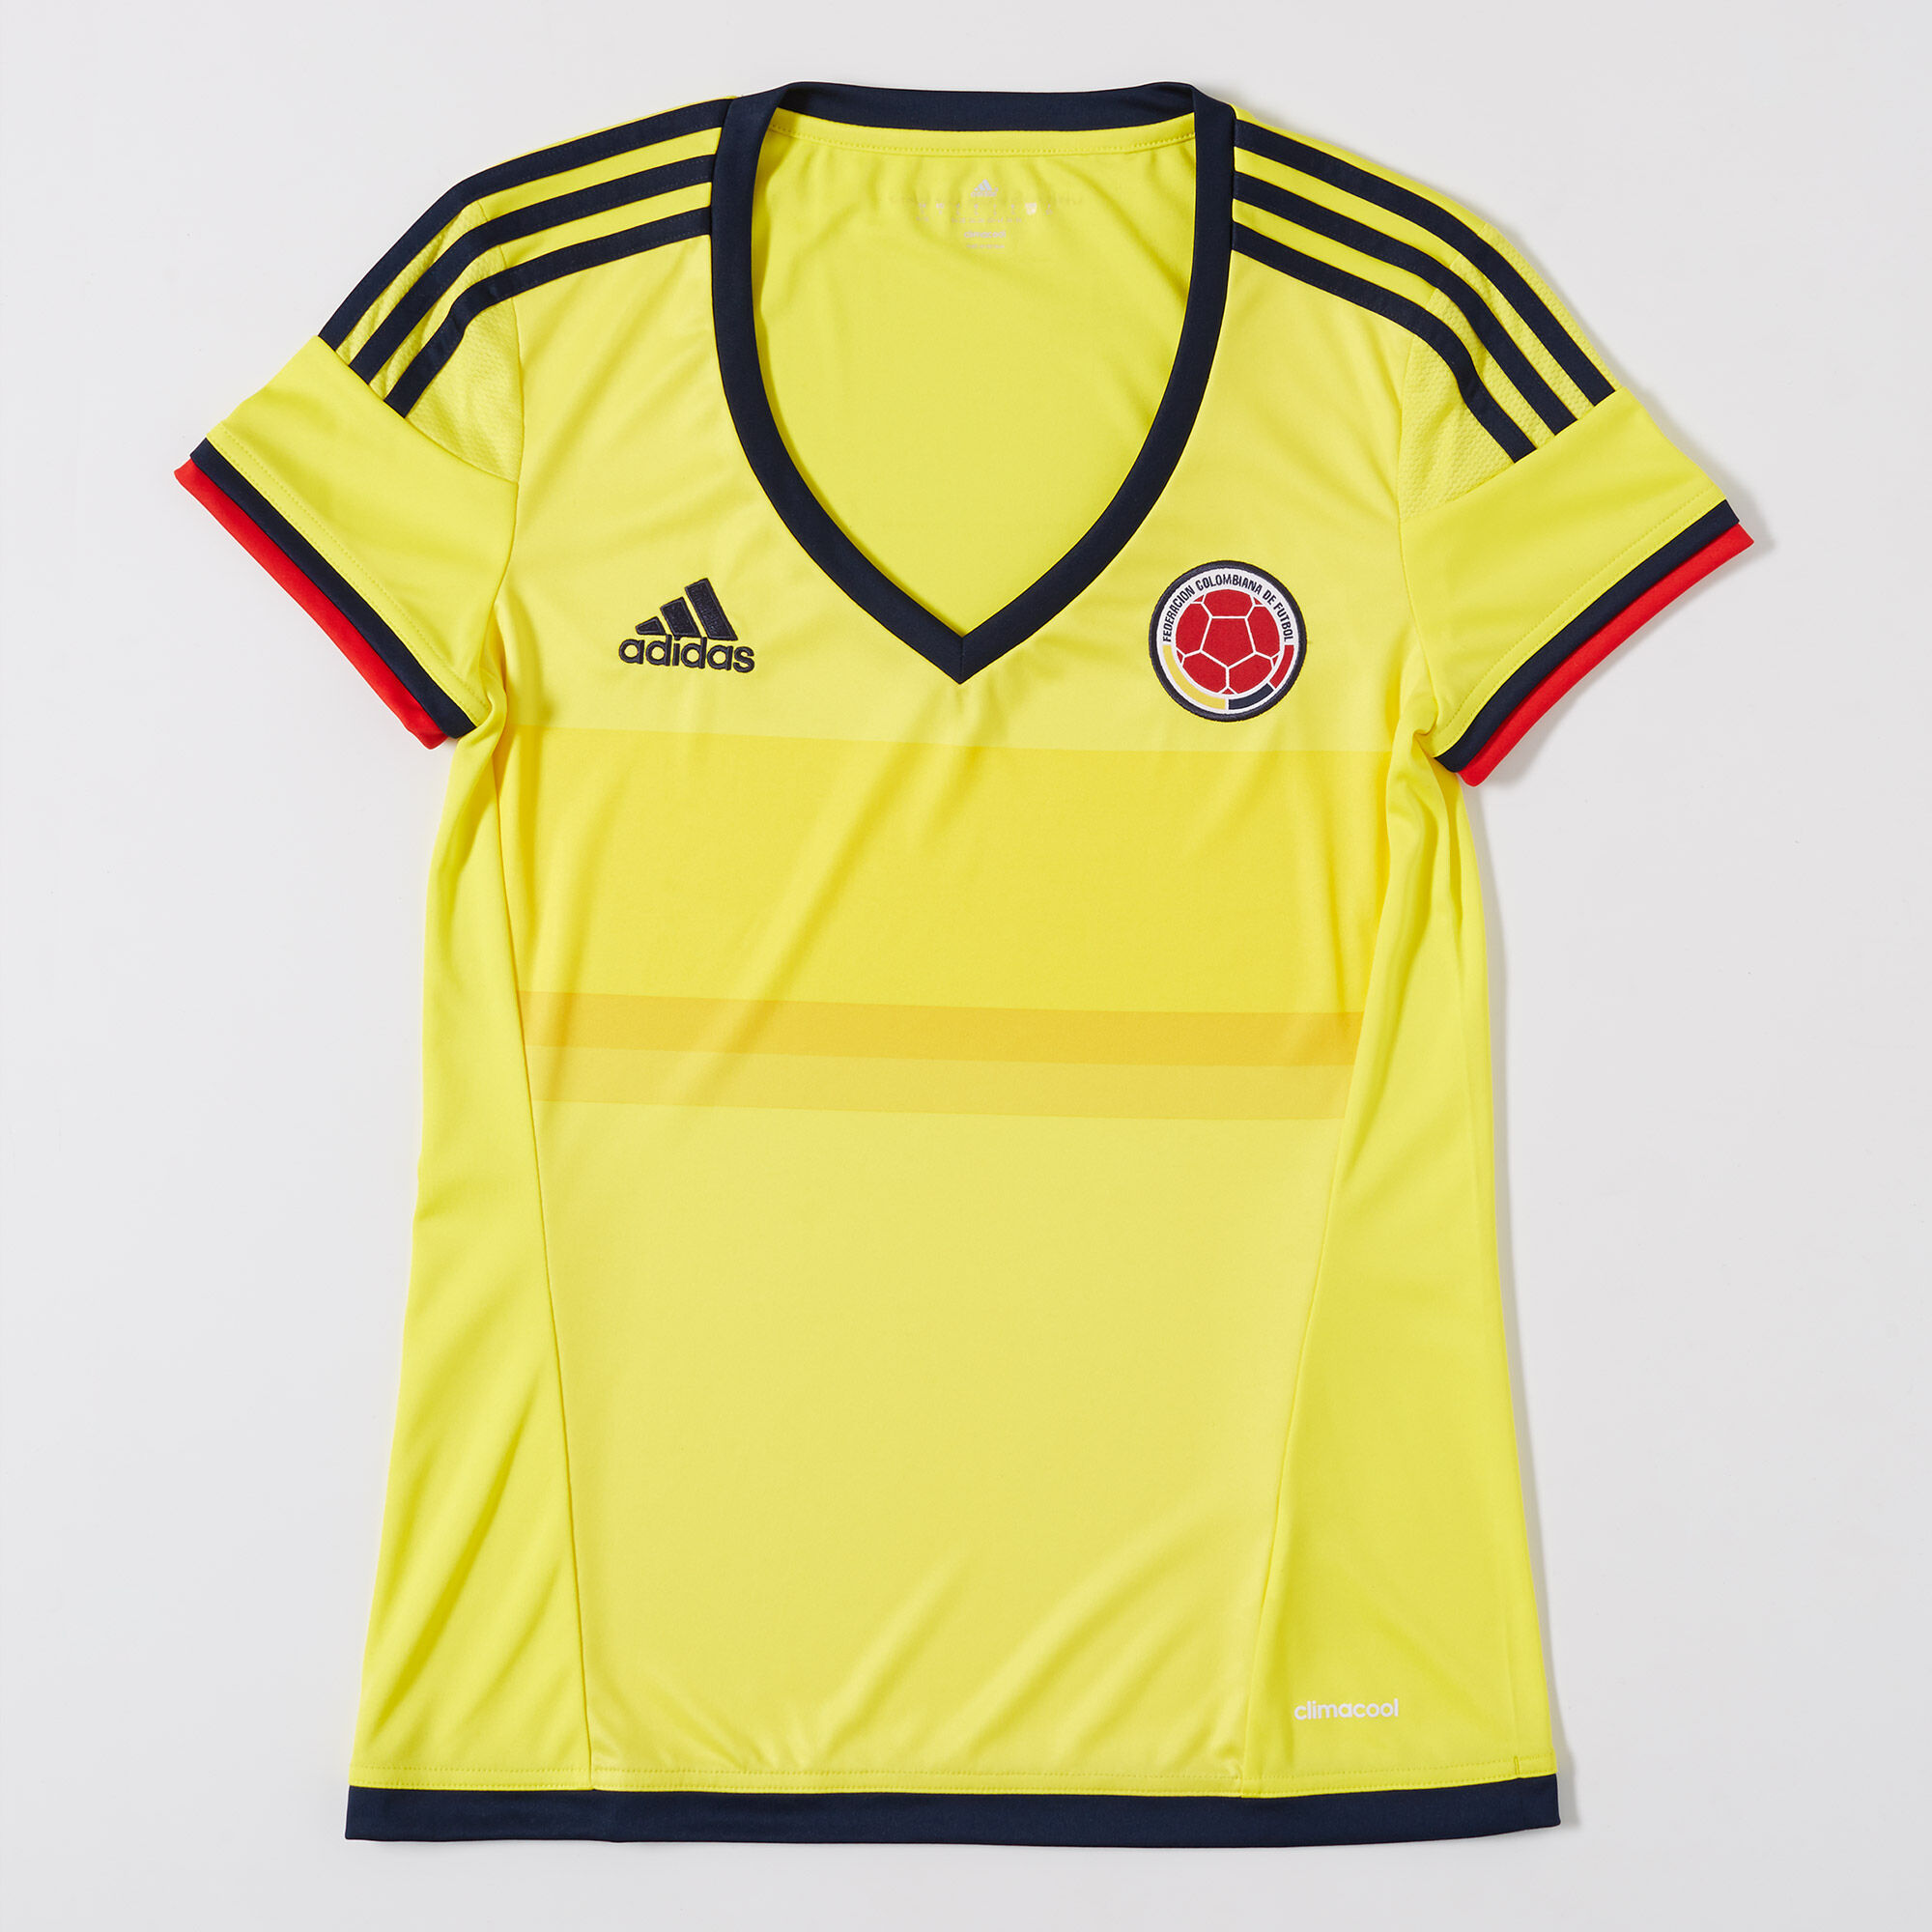 Adidas Originales Colombia